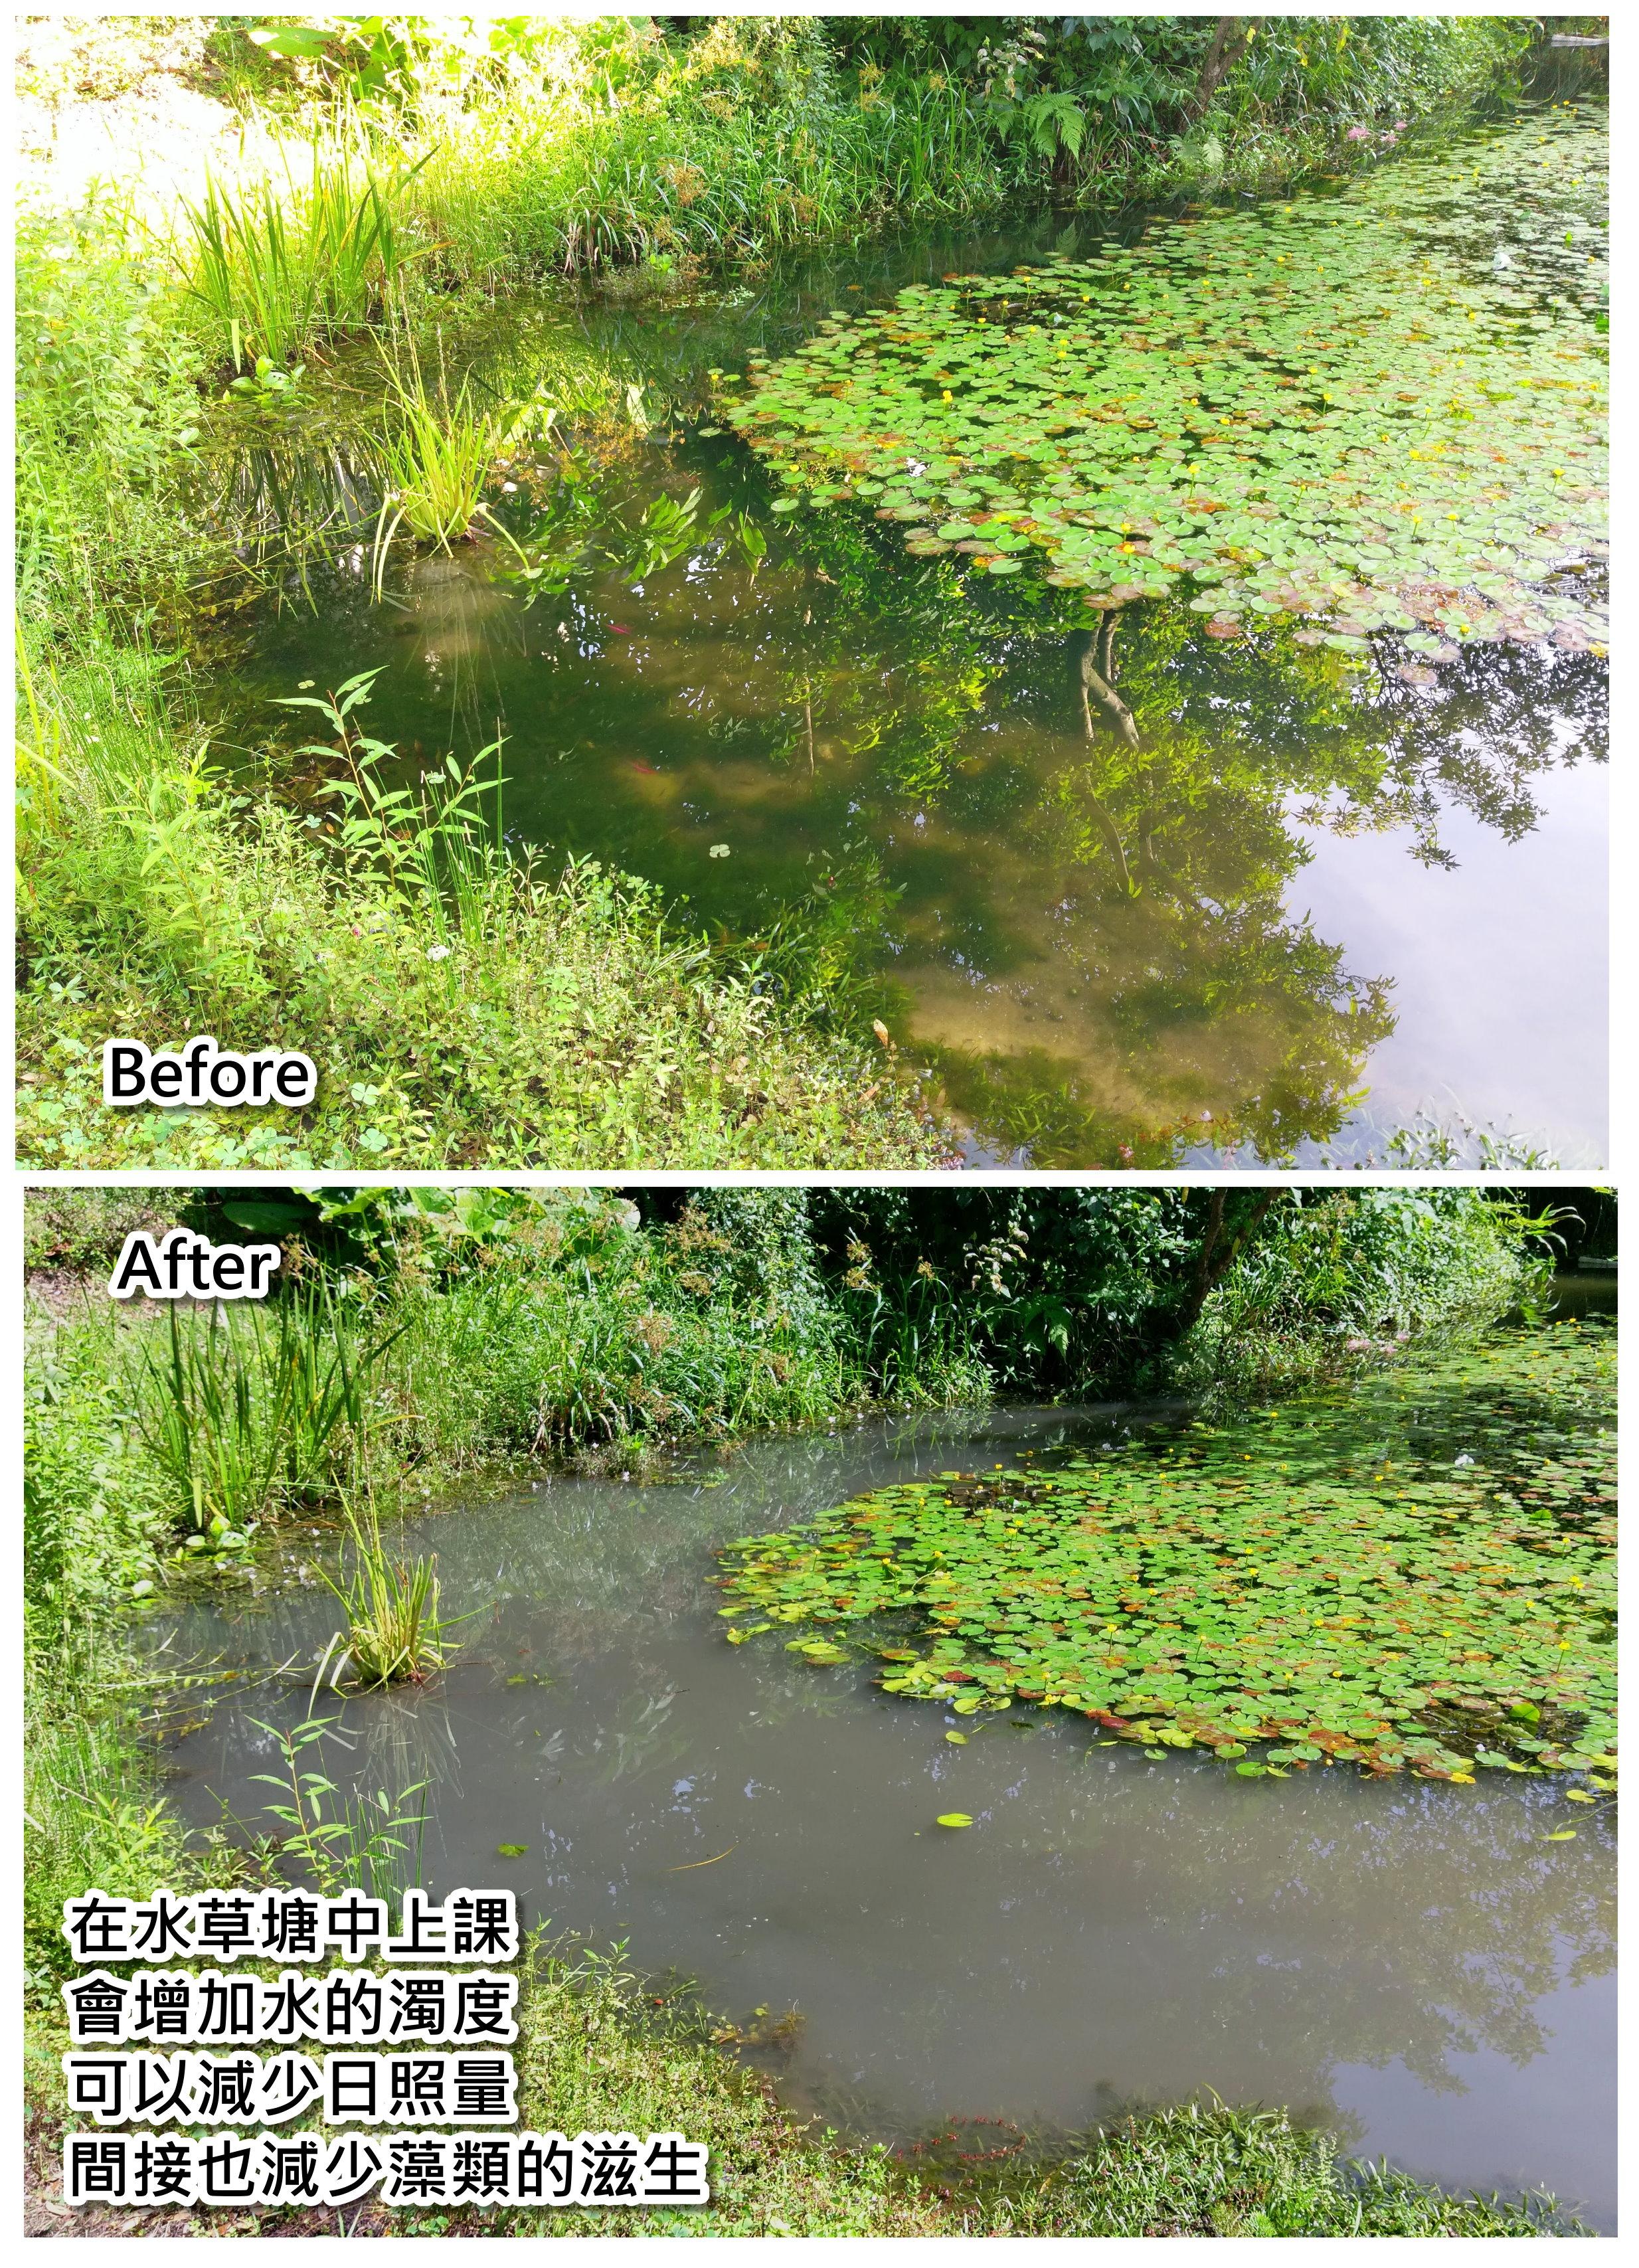 藻類的管理1.jpg - 藻類管理